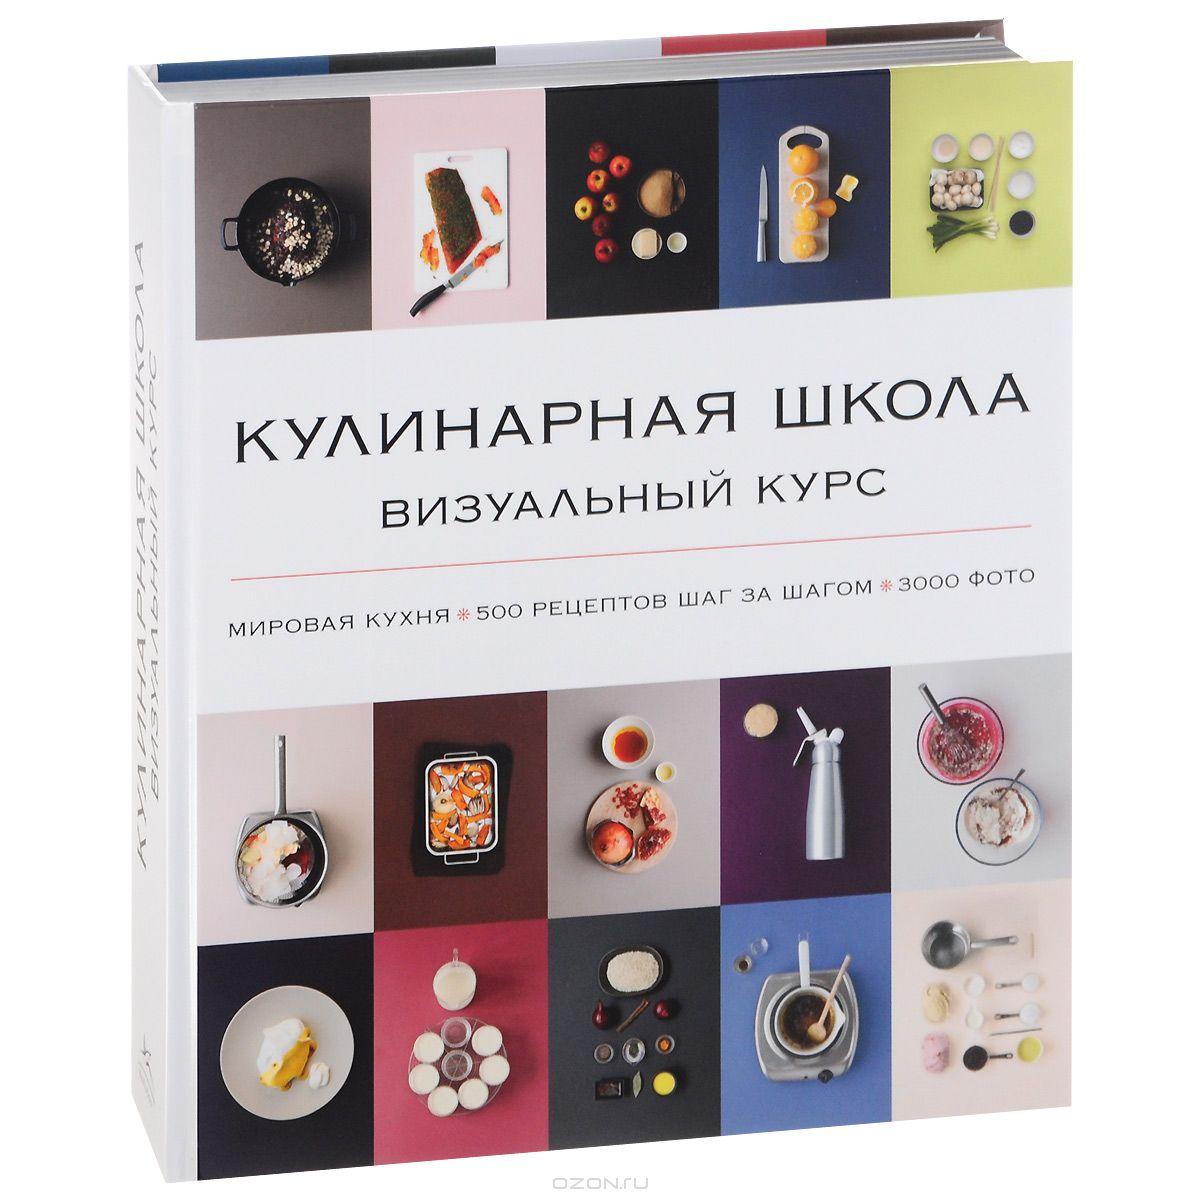 Кулинарная школа.  Визуальный курс Высокая кухня